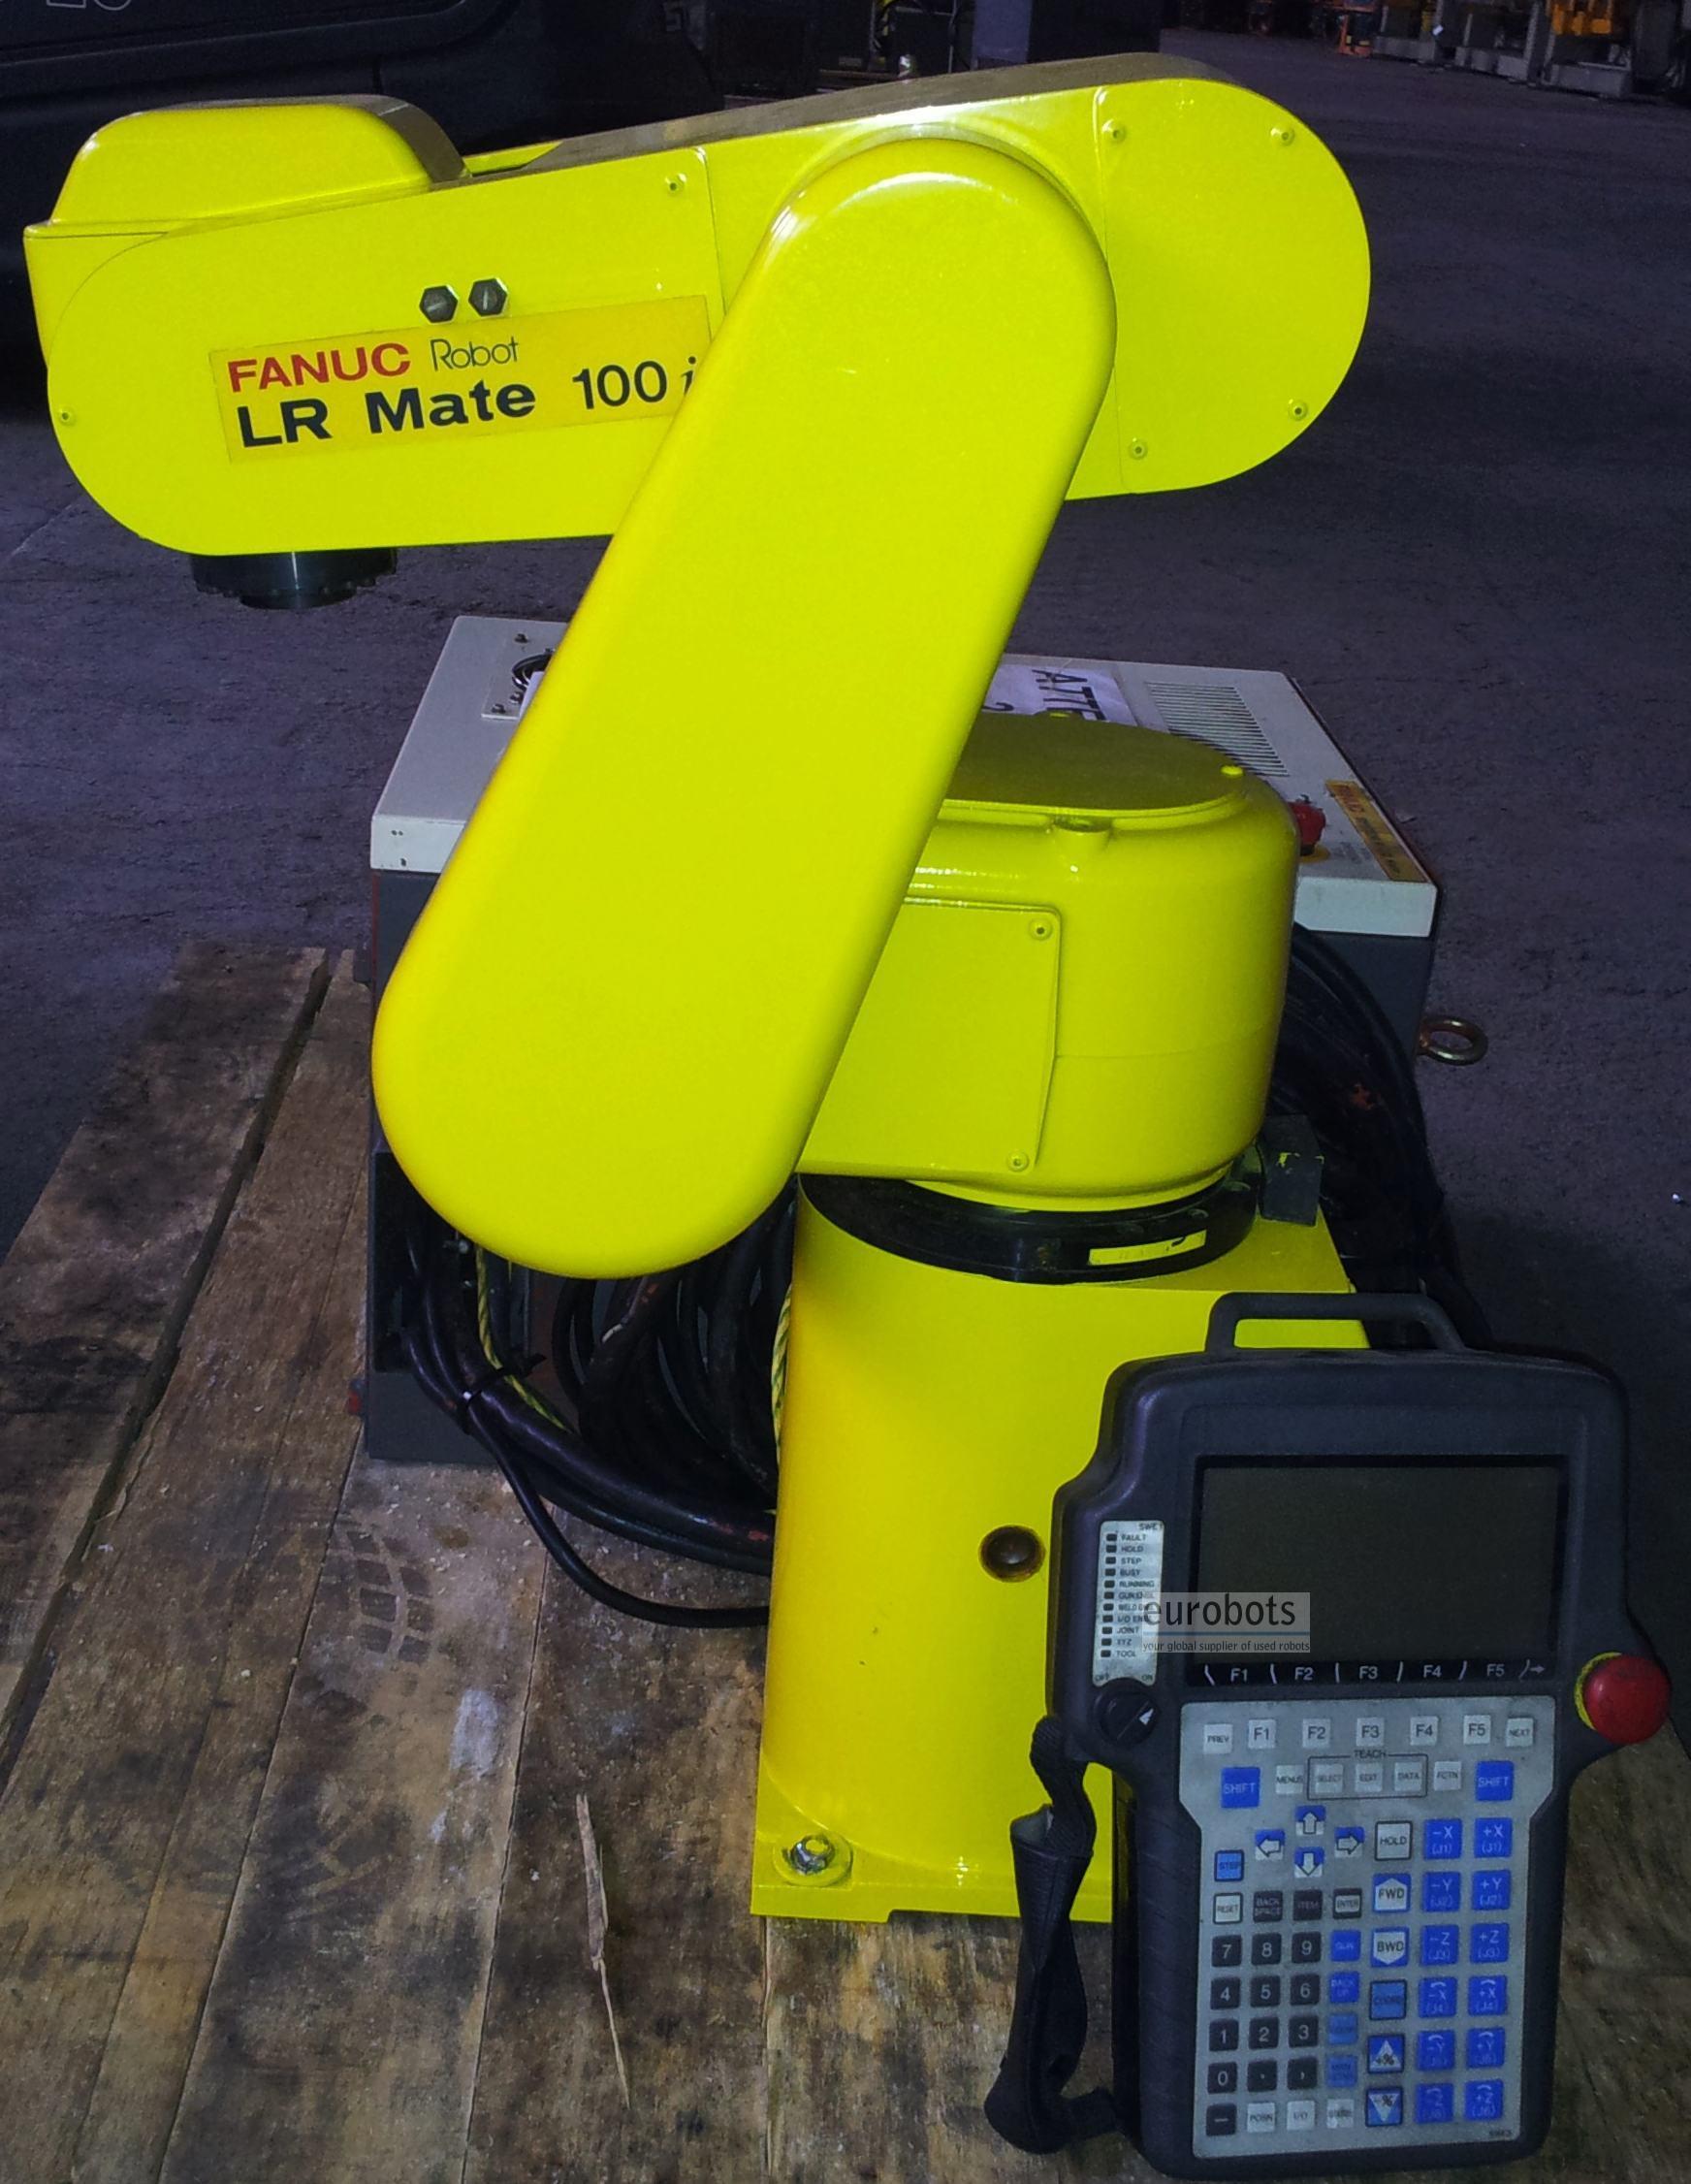 Fanuc- robots LRMate 100i